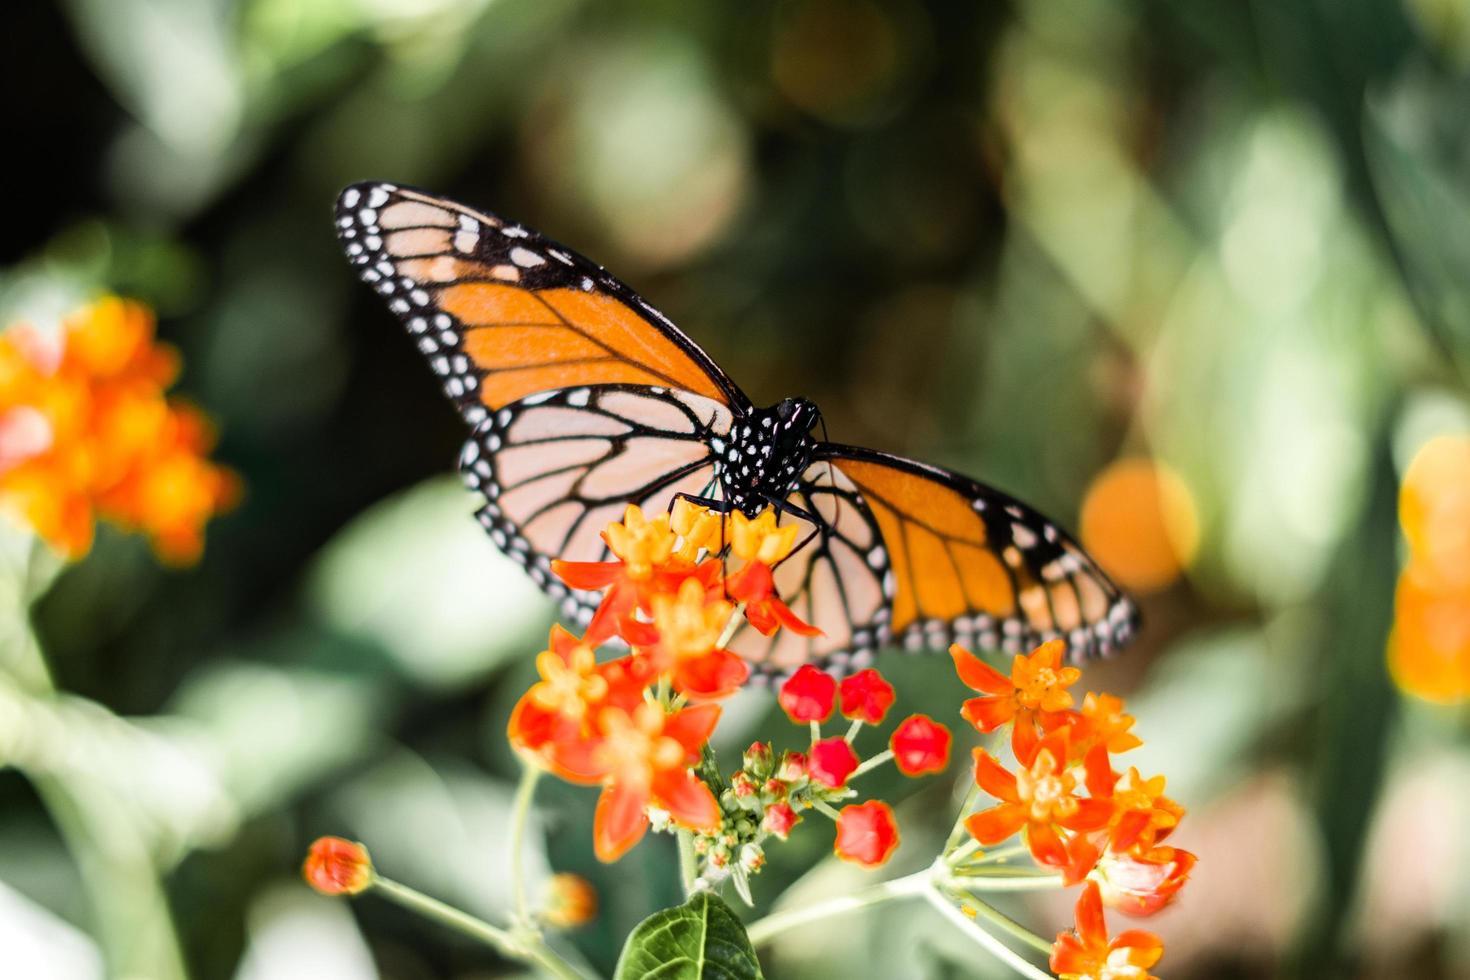 orange und schwarzer Schmetterling auf Blumen foto